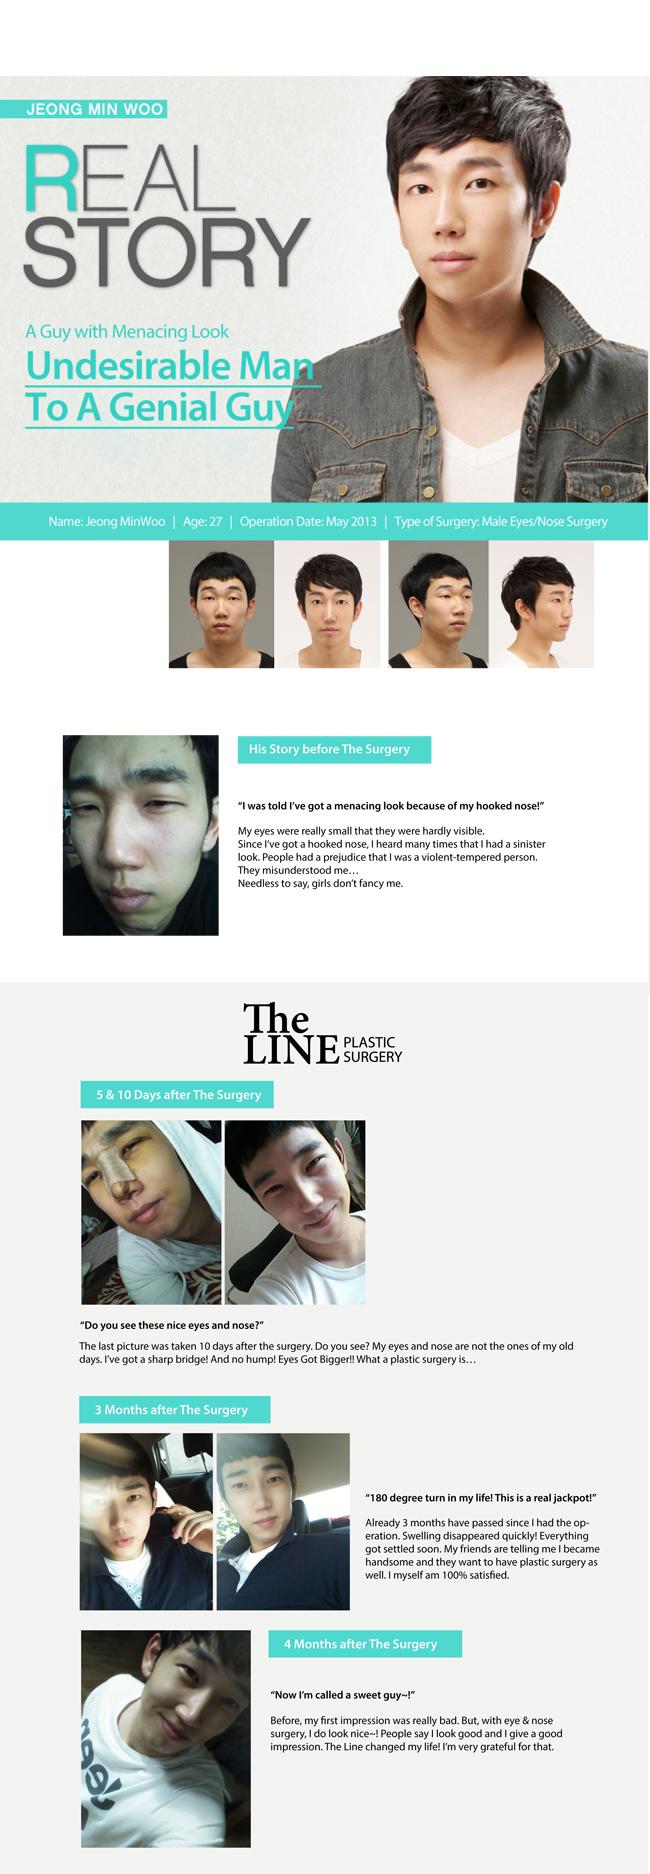 Real Story of Jeong, Min Woo